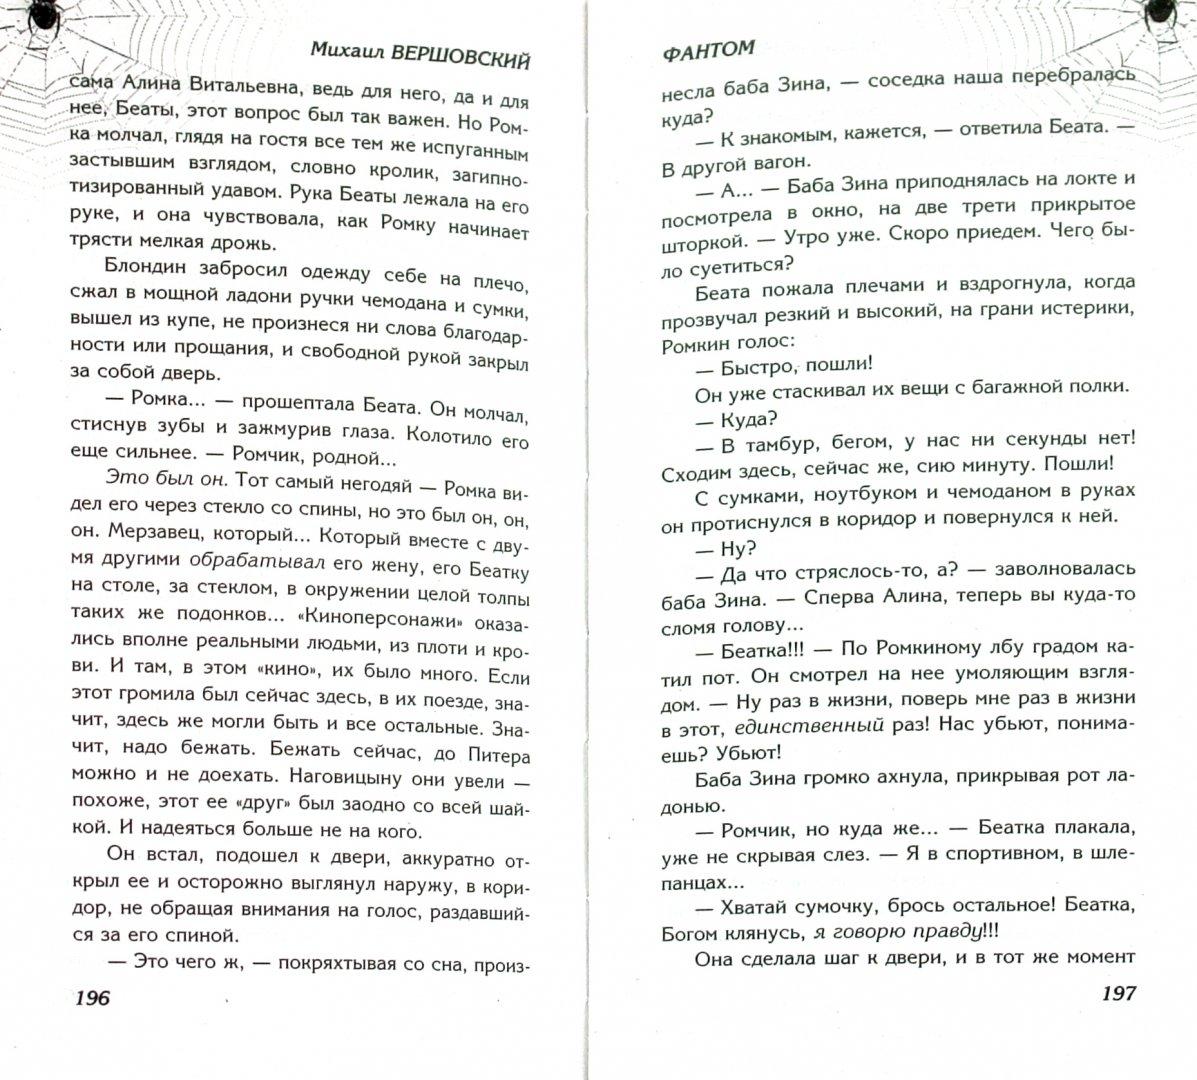 Иллюстрация 1 из 6 для Фантом - Михаил Вершовский | Лабиринт - книги. Источник: Лабиринт